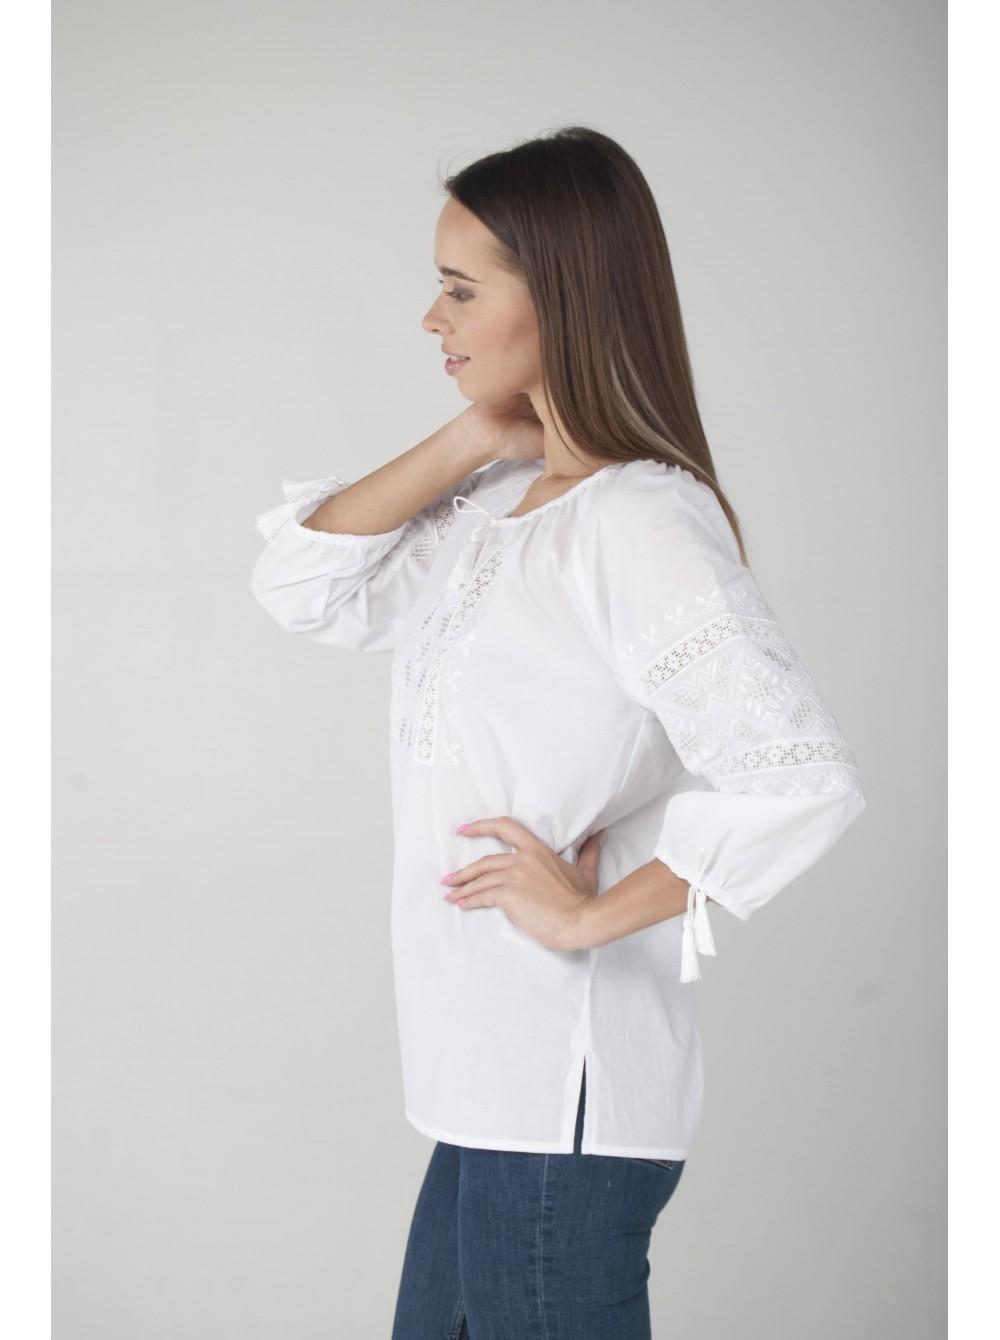 Жіноча вишиванка біла по білому cc16527ffb14f